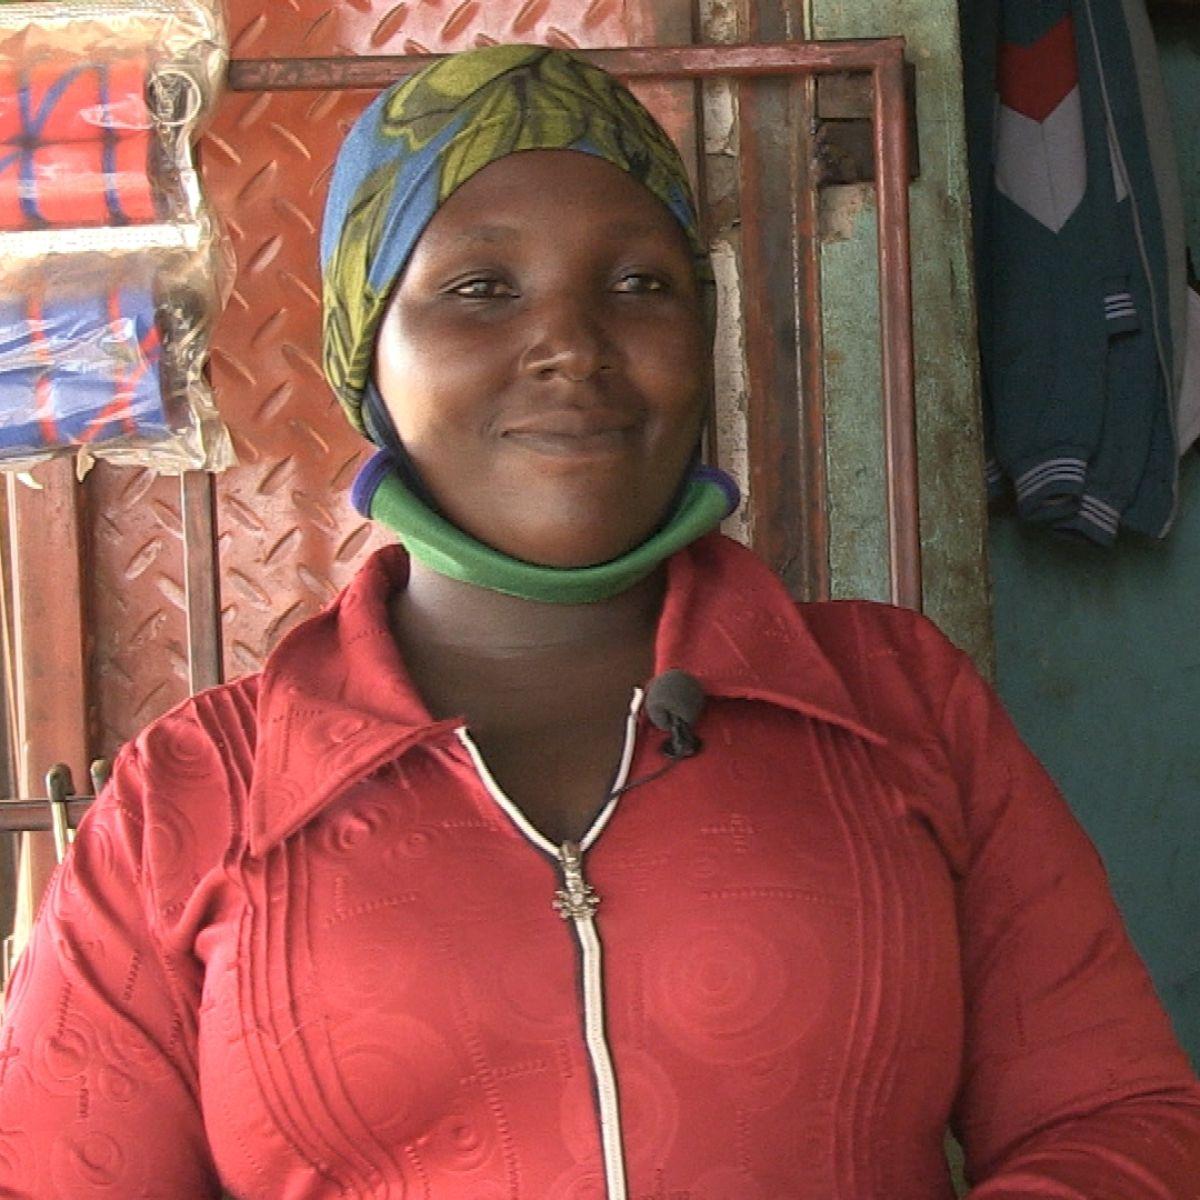 Quelle: SRF, Sumaya von der UPWOSED Spargruppe in Uganda